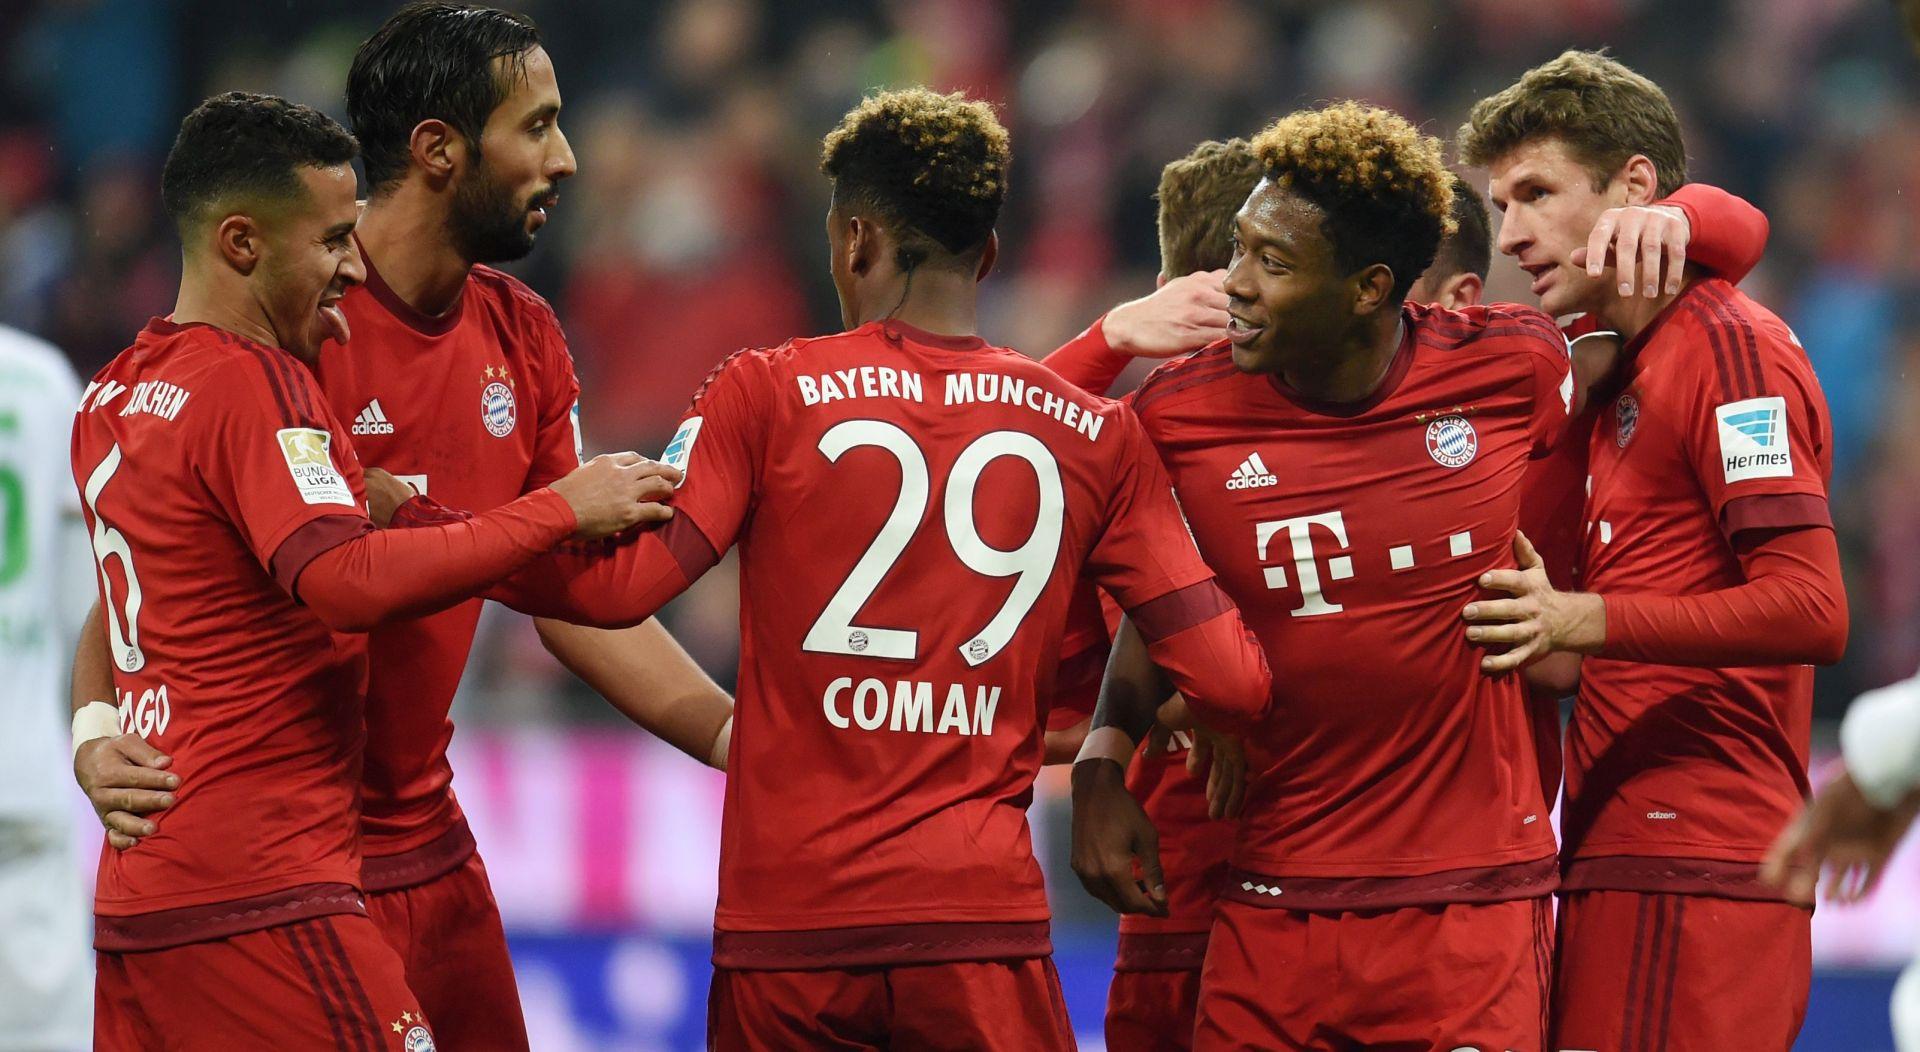 BUNDESLIGA 'Petica' Bayerna, tri asistencije Comana